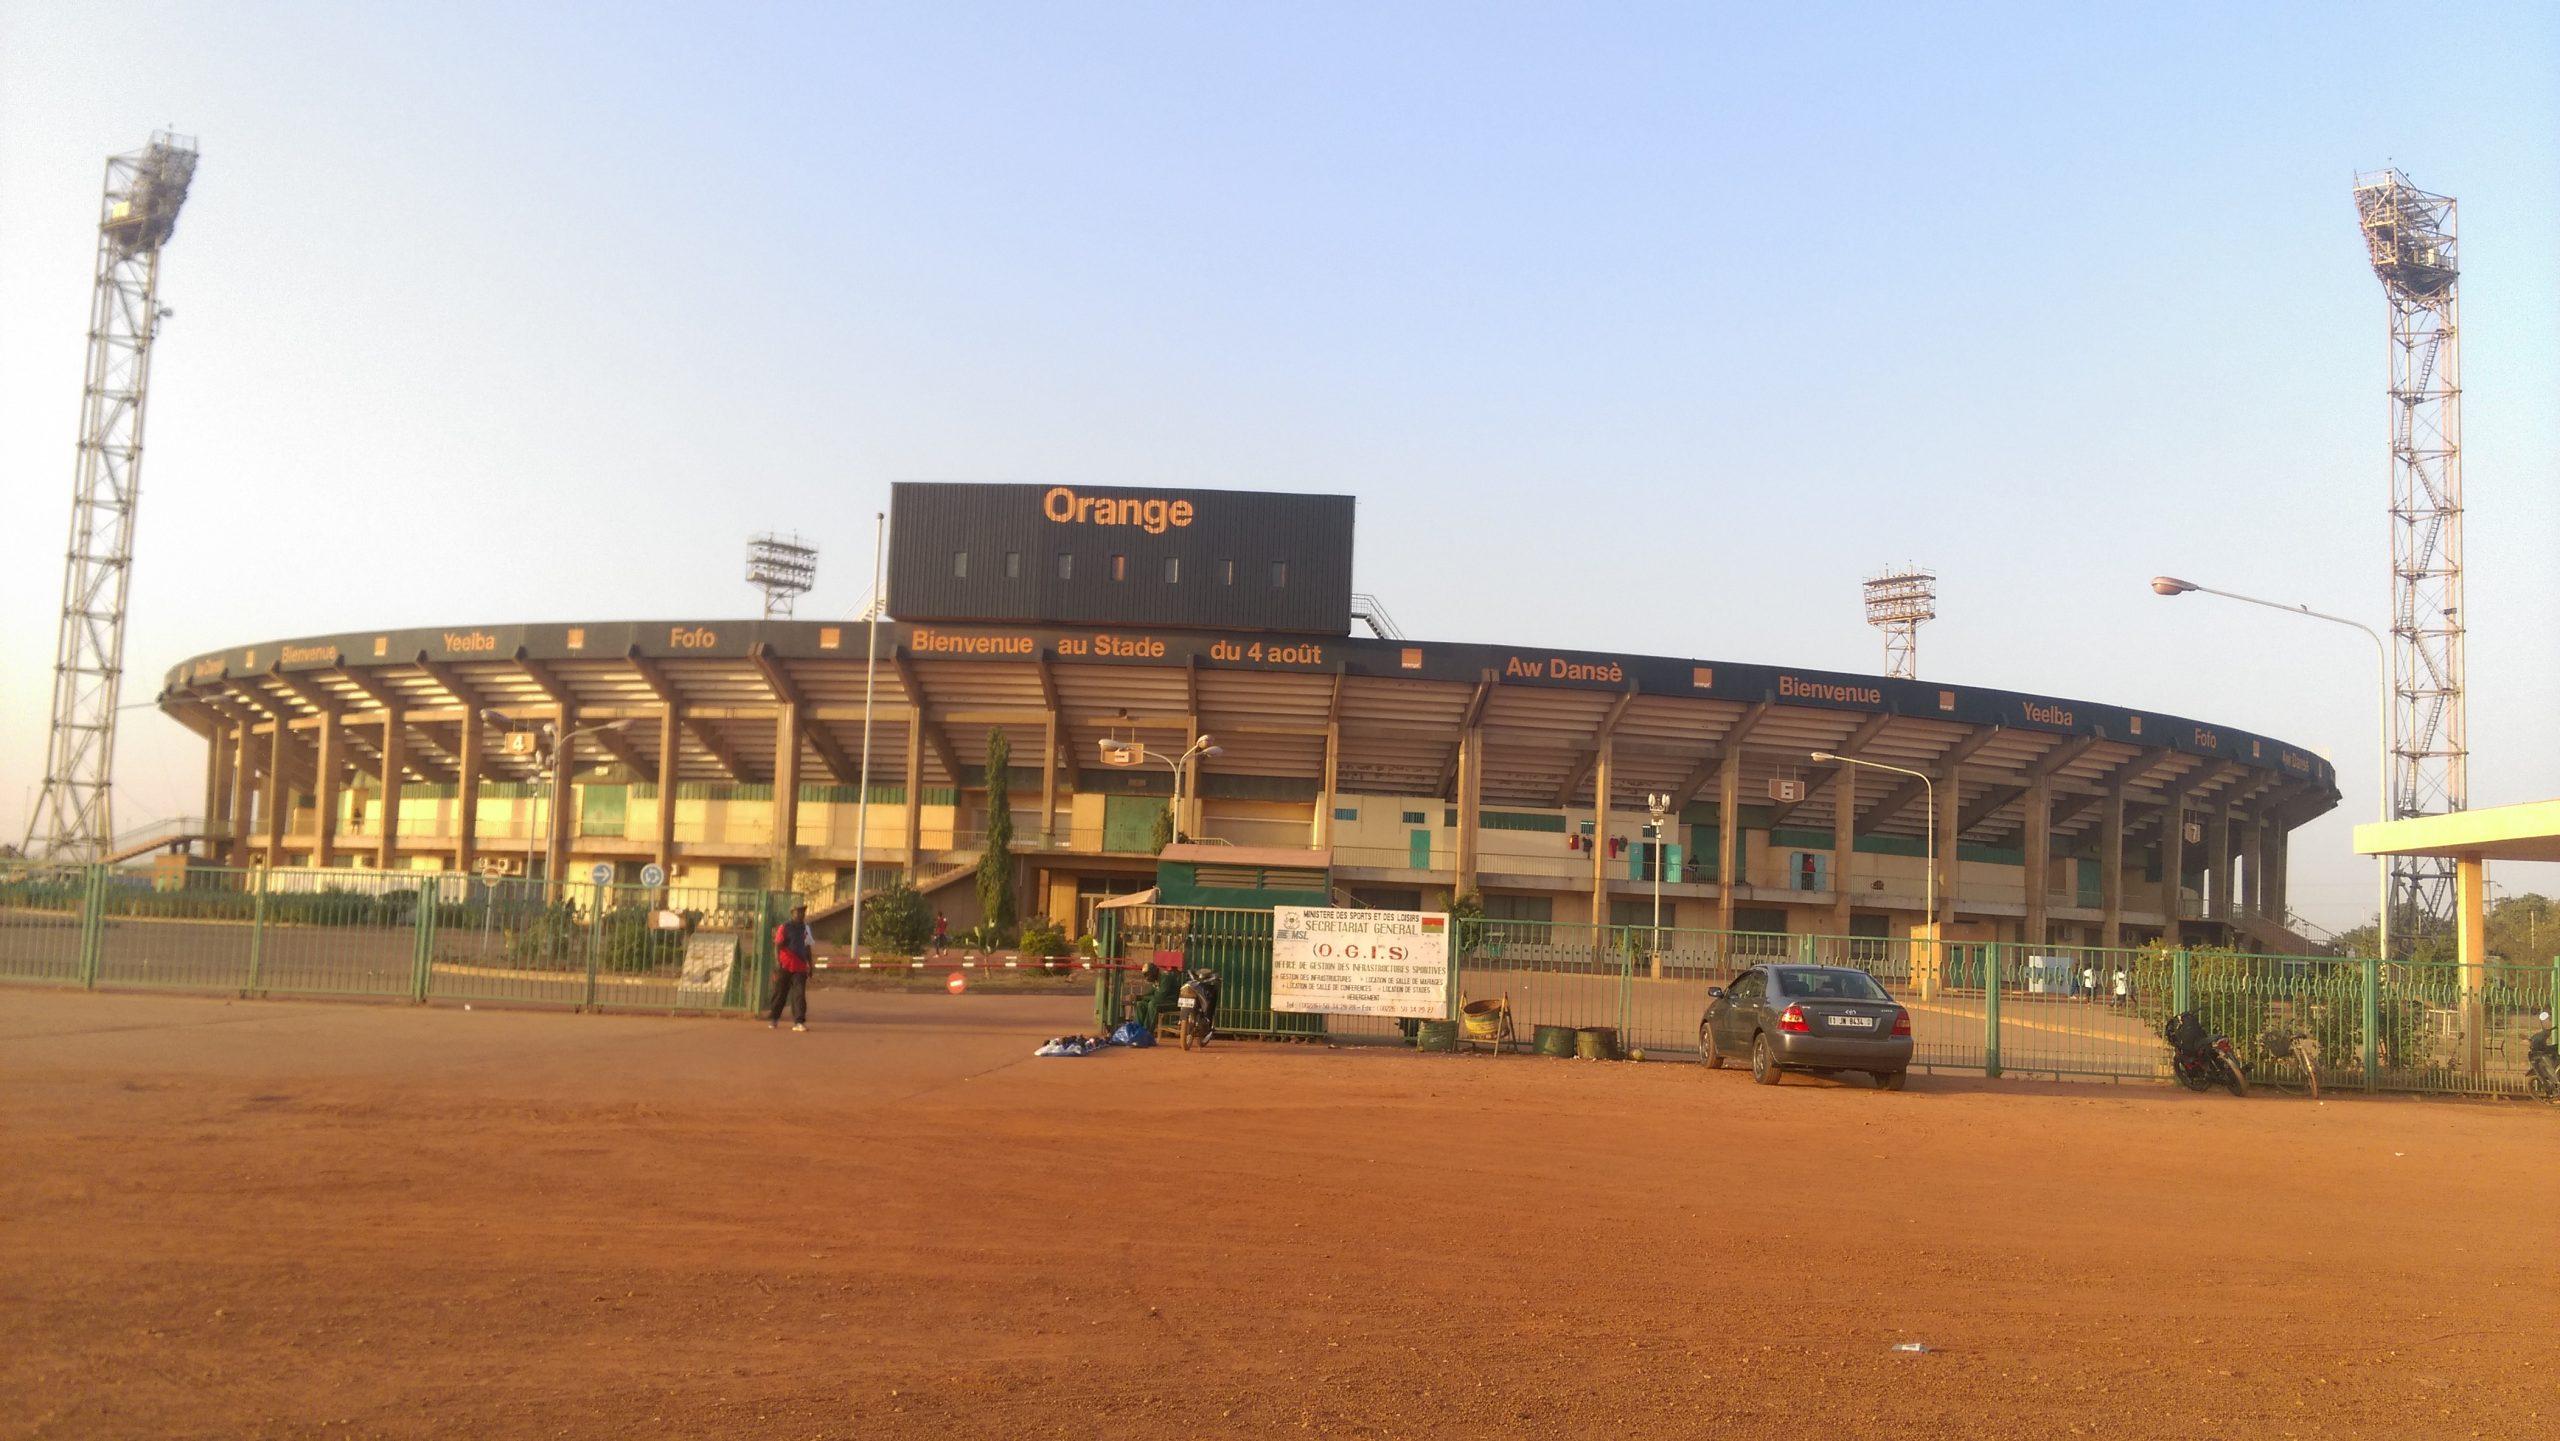 Suspendu par la CAF : ce qu'il faut pour que le stade du 4 août réponde aux normes internationales